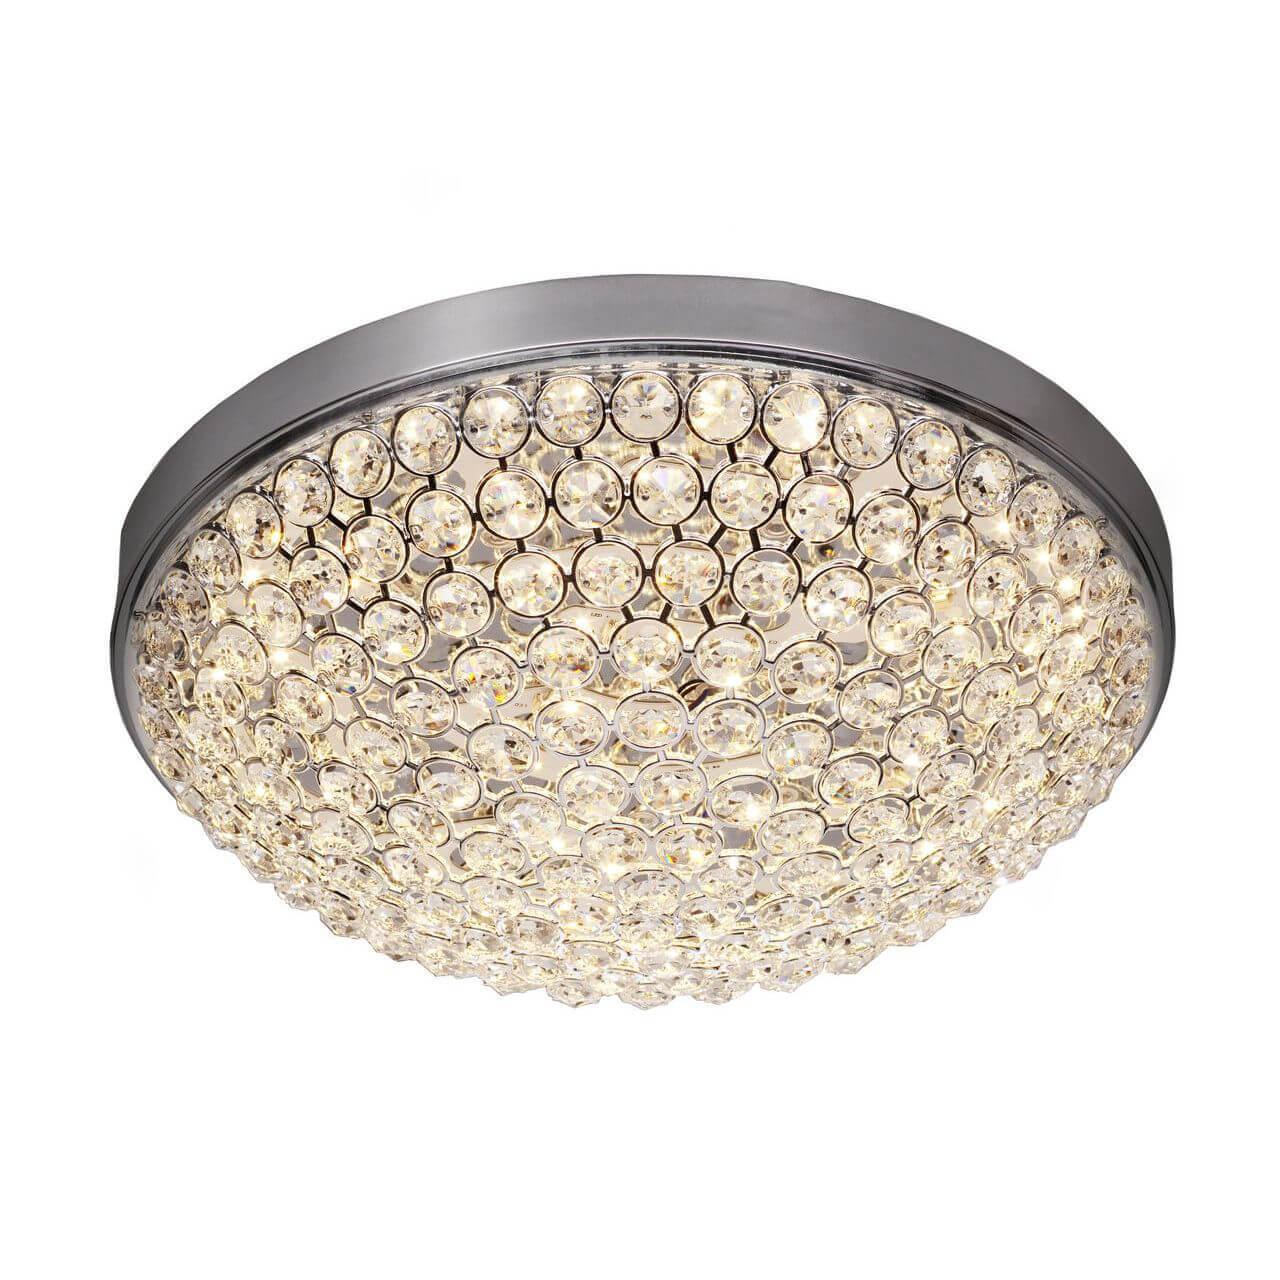 Потолочный светодиодный светильник Silver Light Status 841.40.7 silver light потолочный светодиодный светильник silver light status 841 42 7